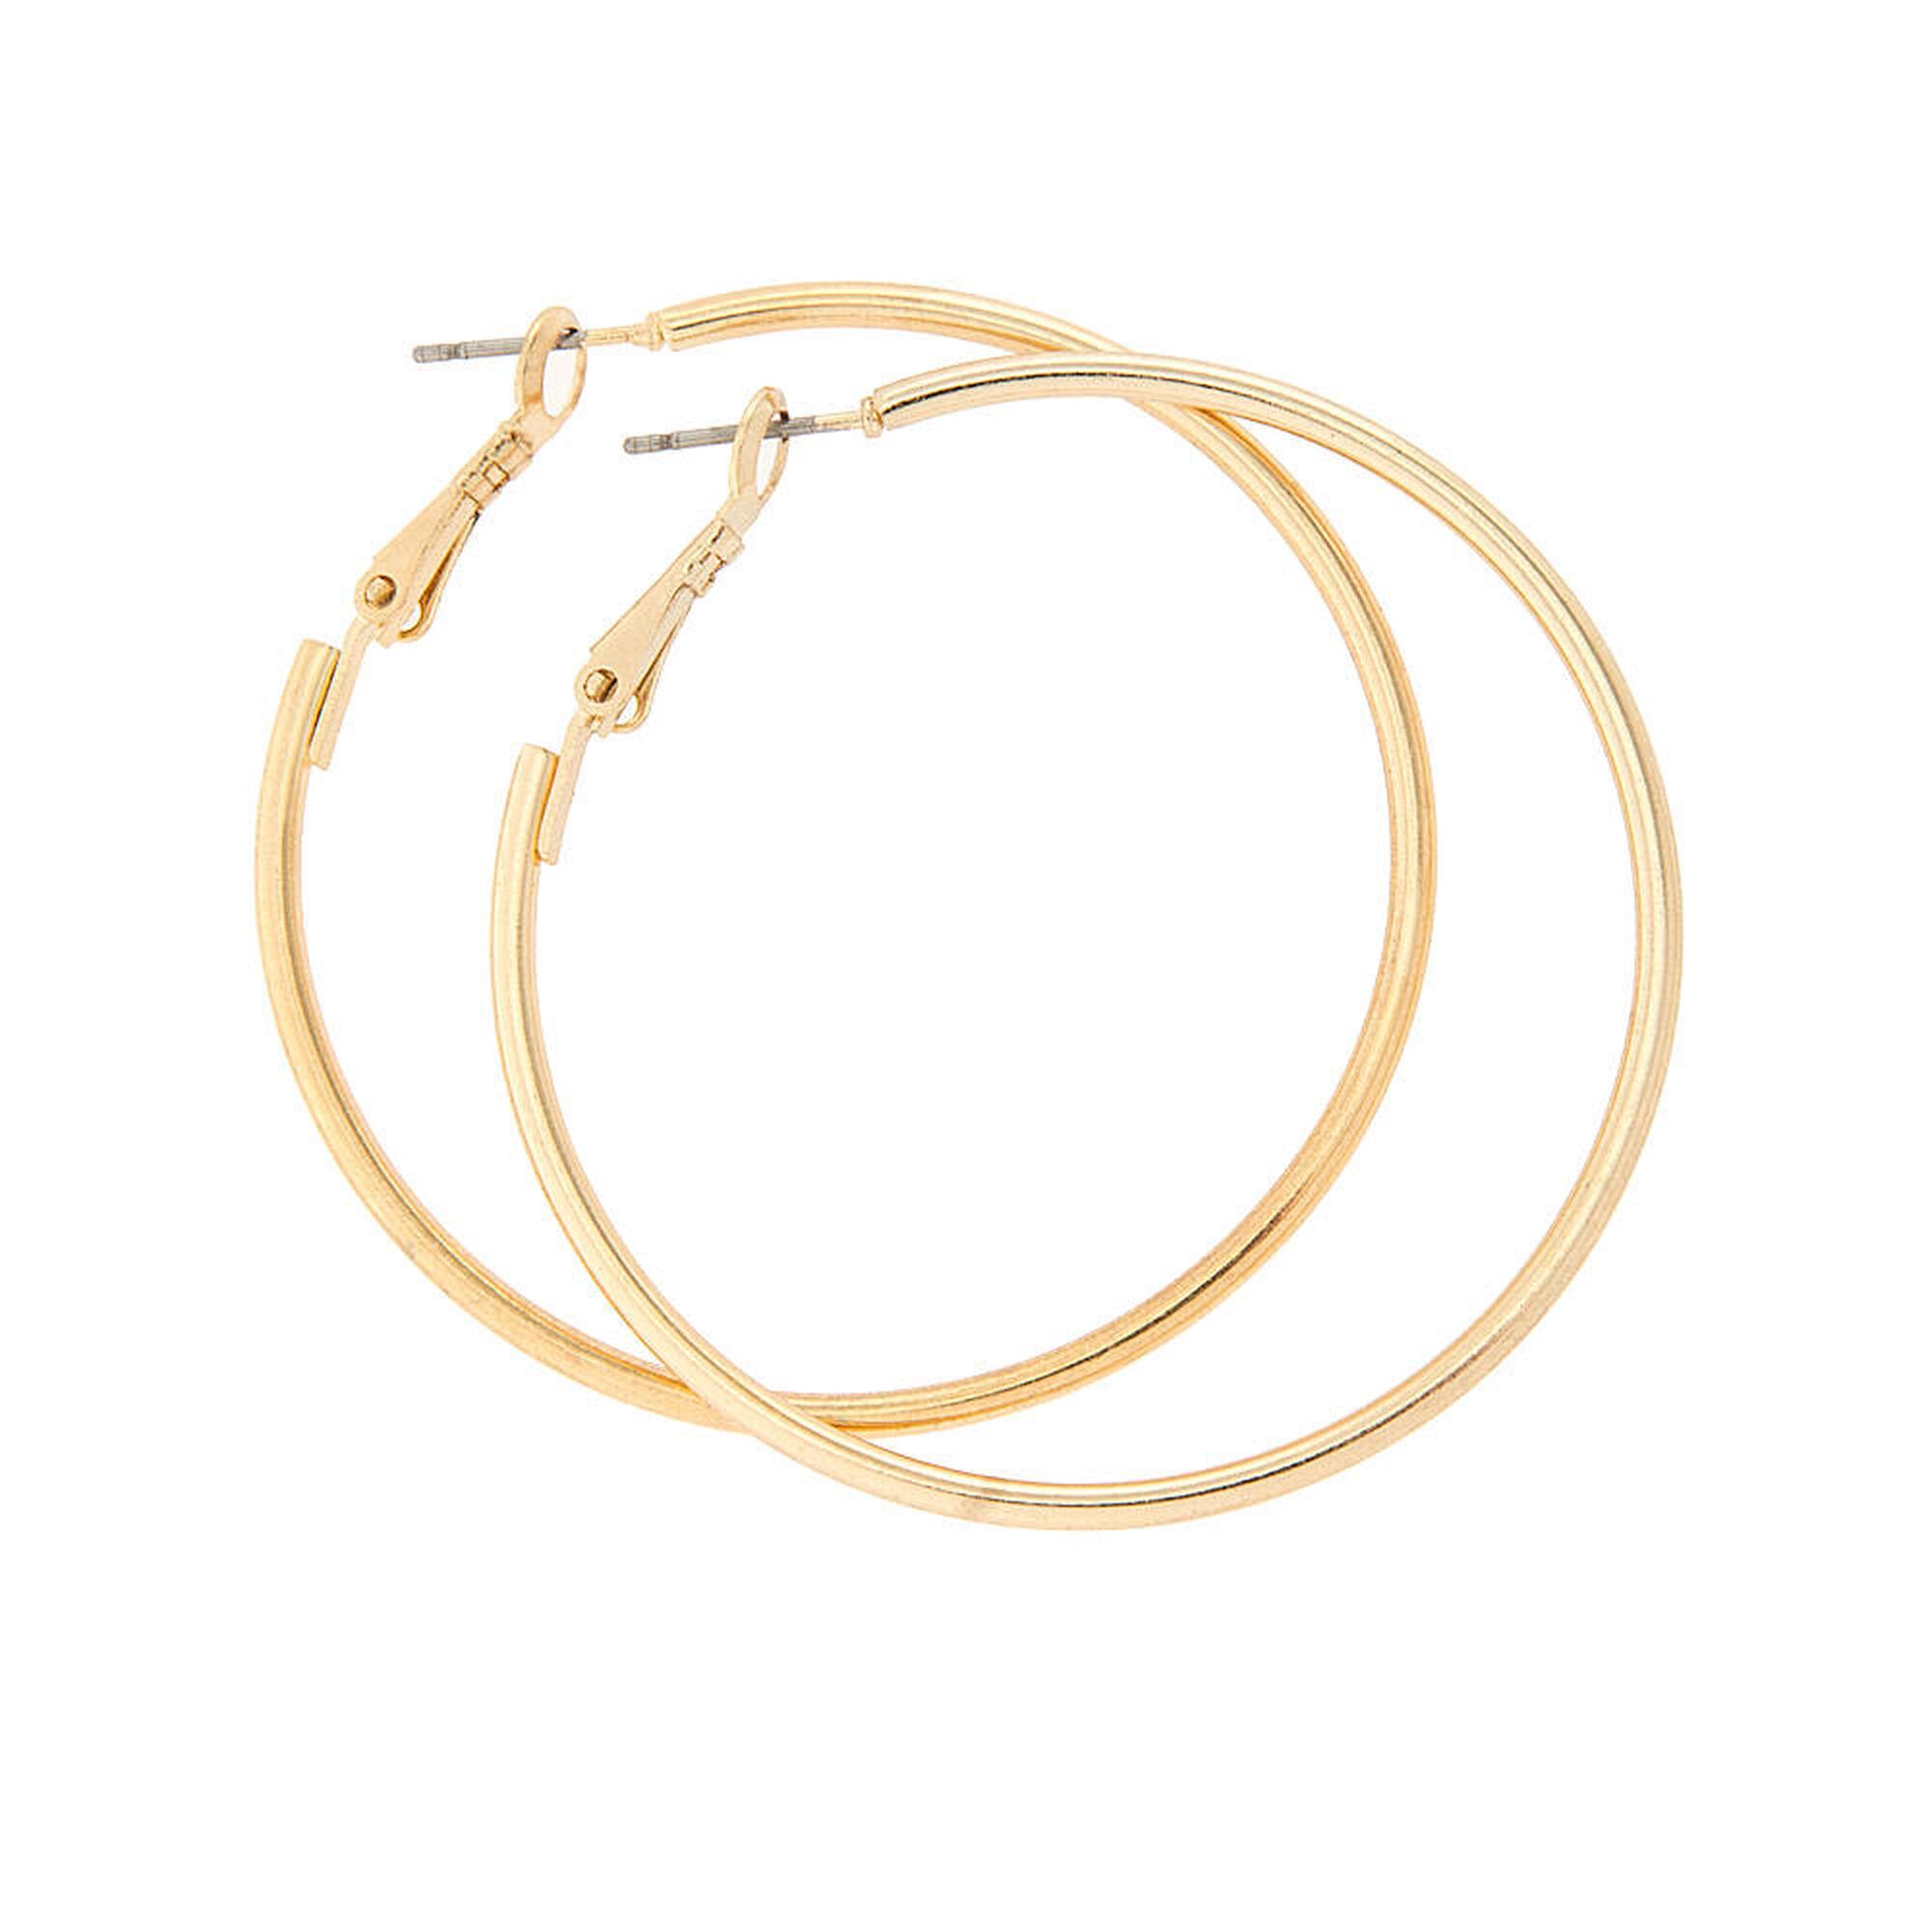 50mm gold hoop earrings s us